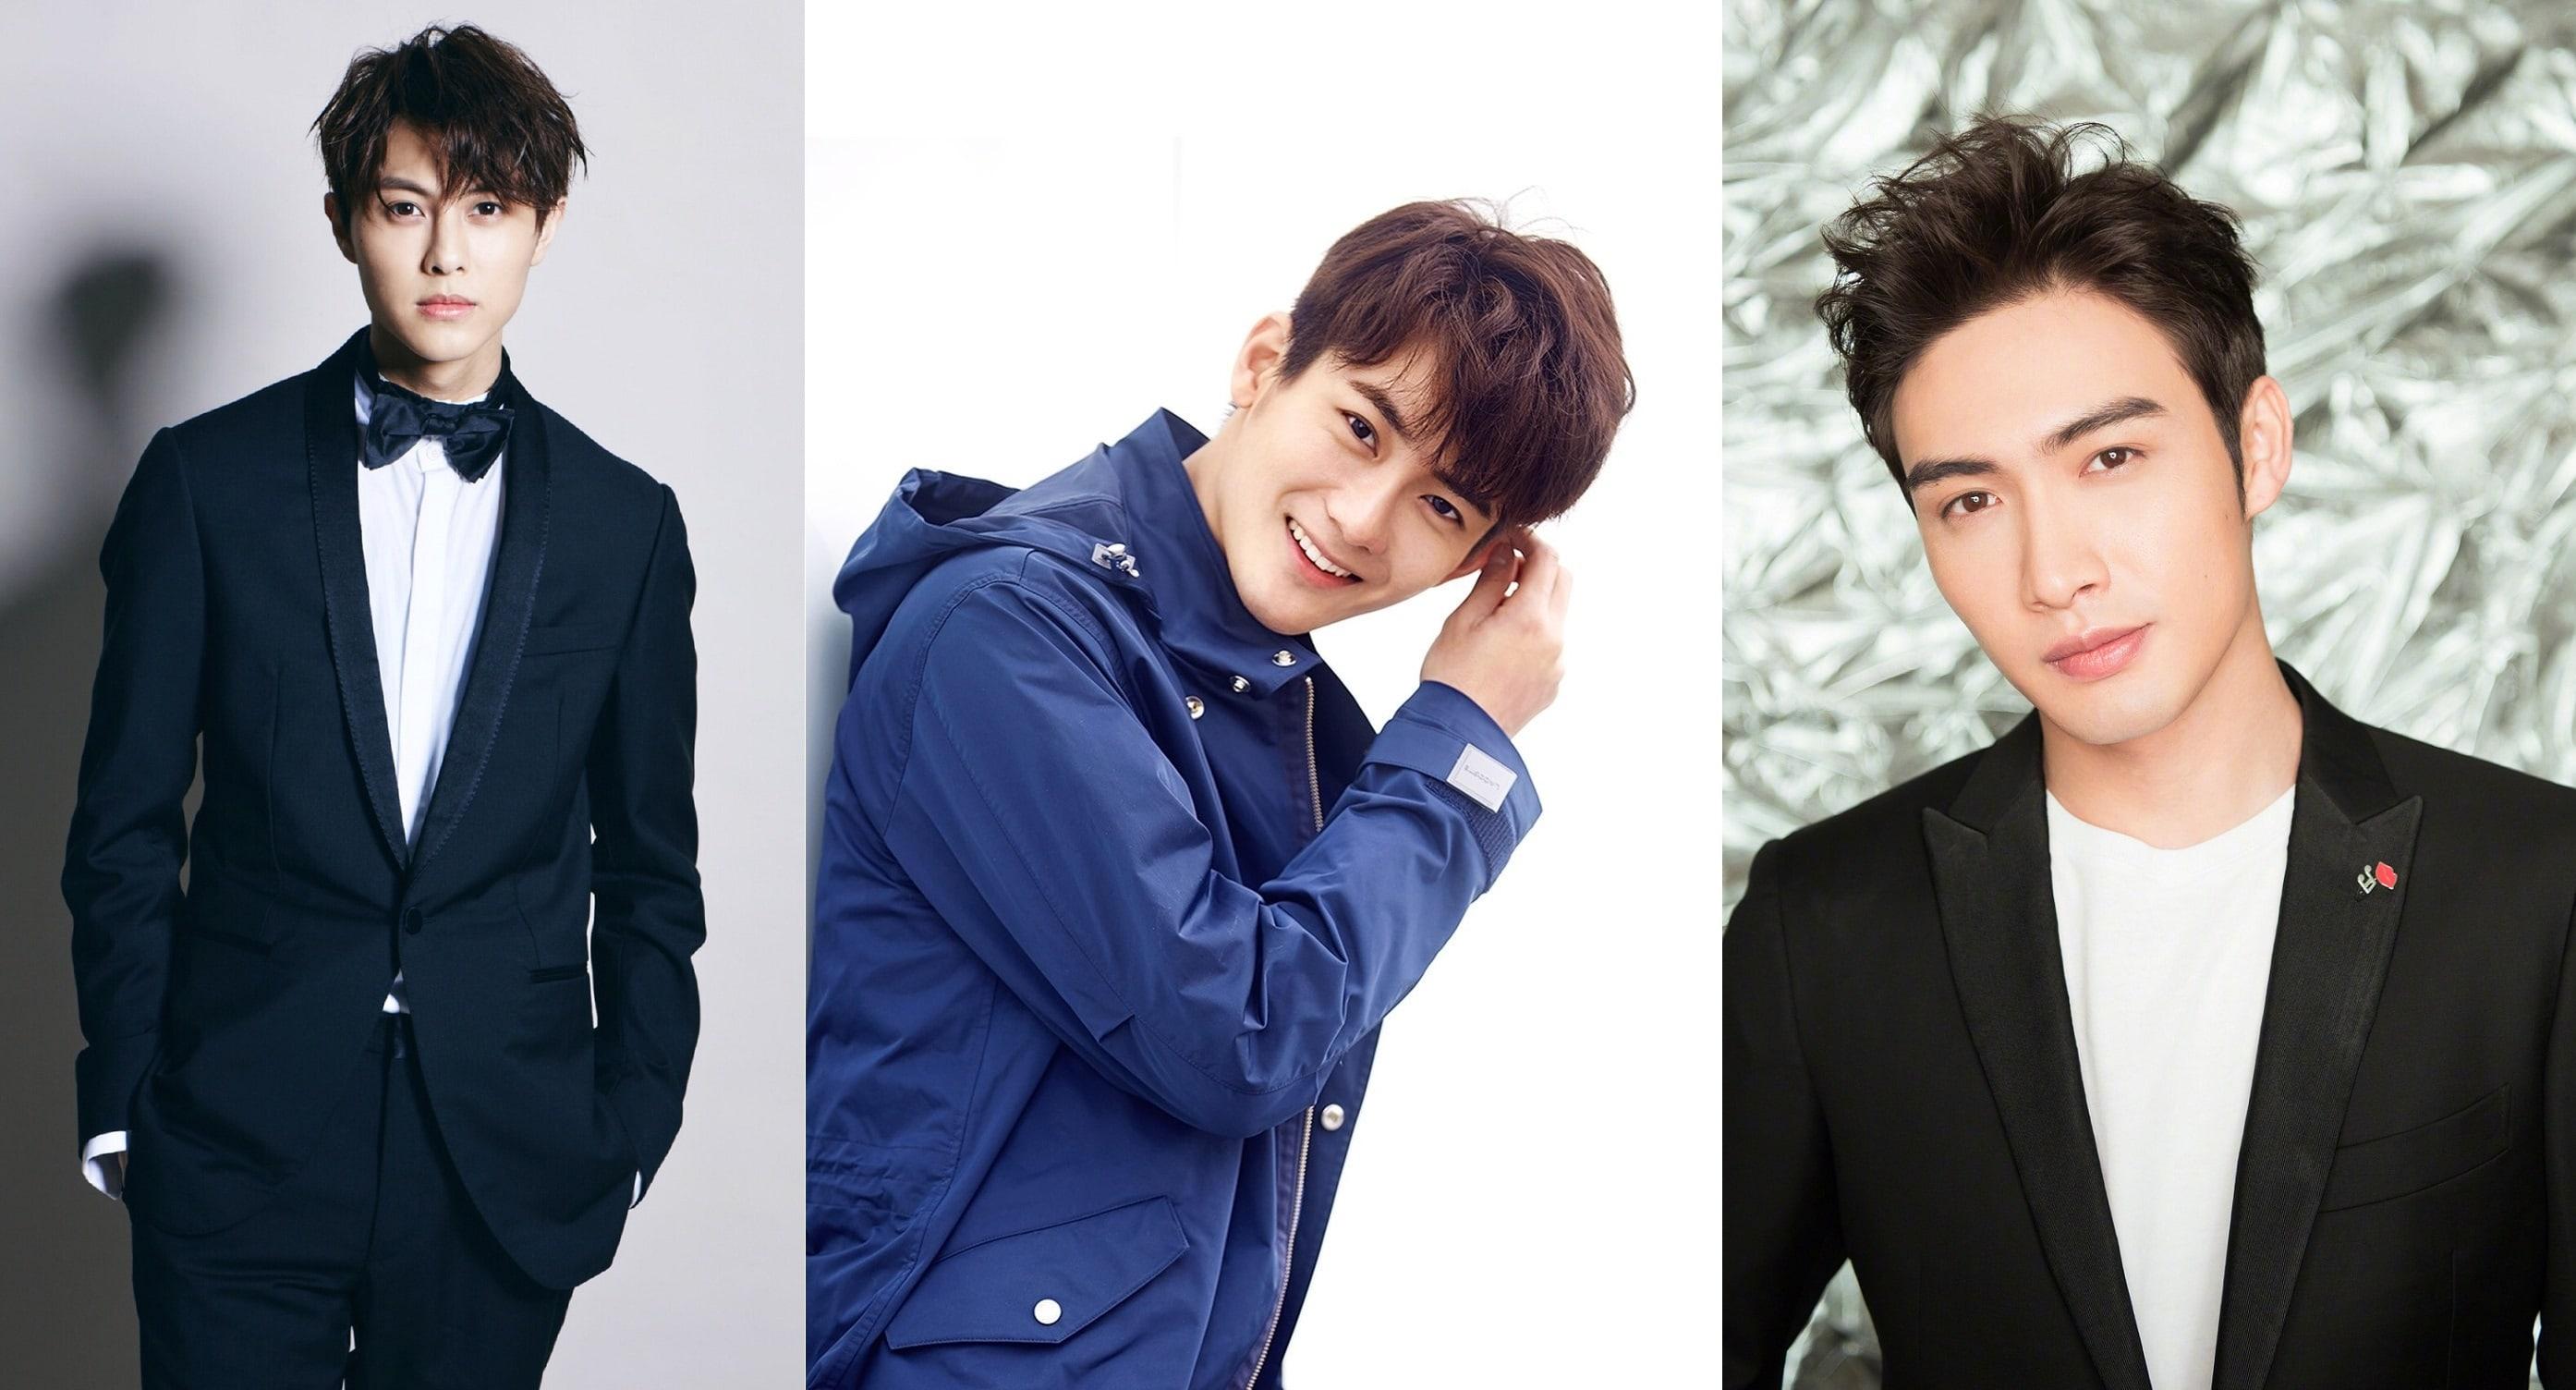 Cutest asian actors